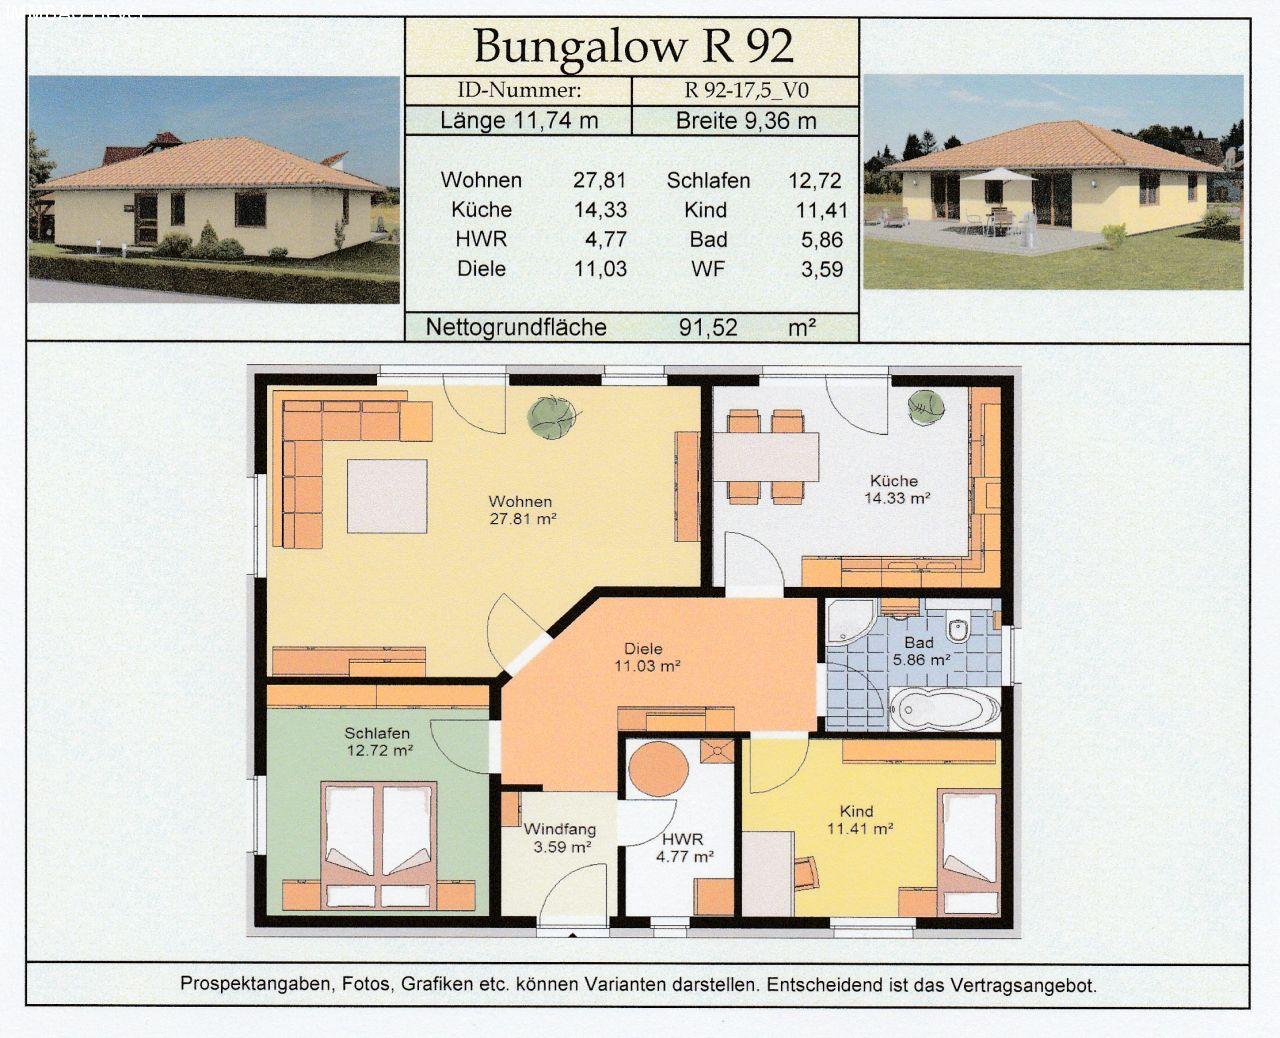 Preiswert bauen 24 programm bungalows Bungalow preiswert bauen